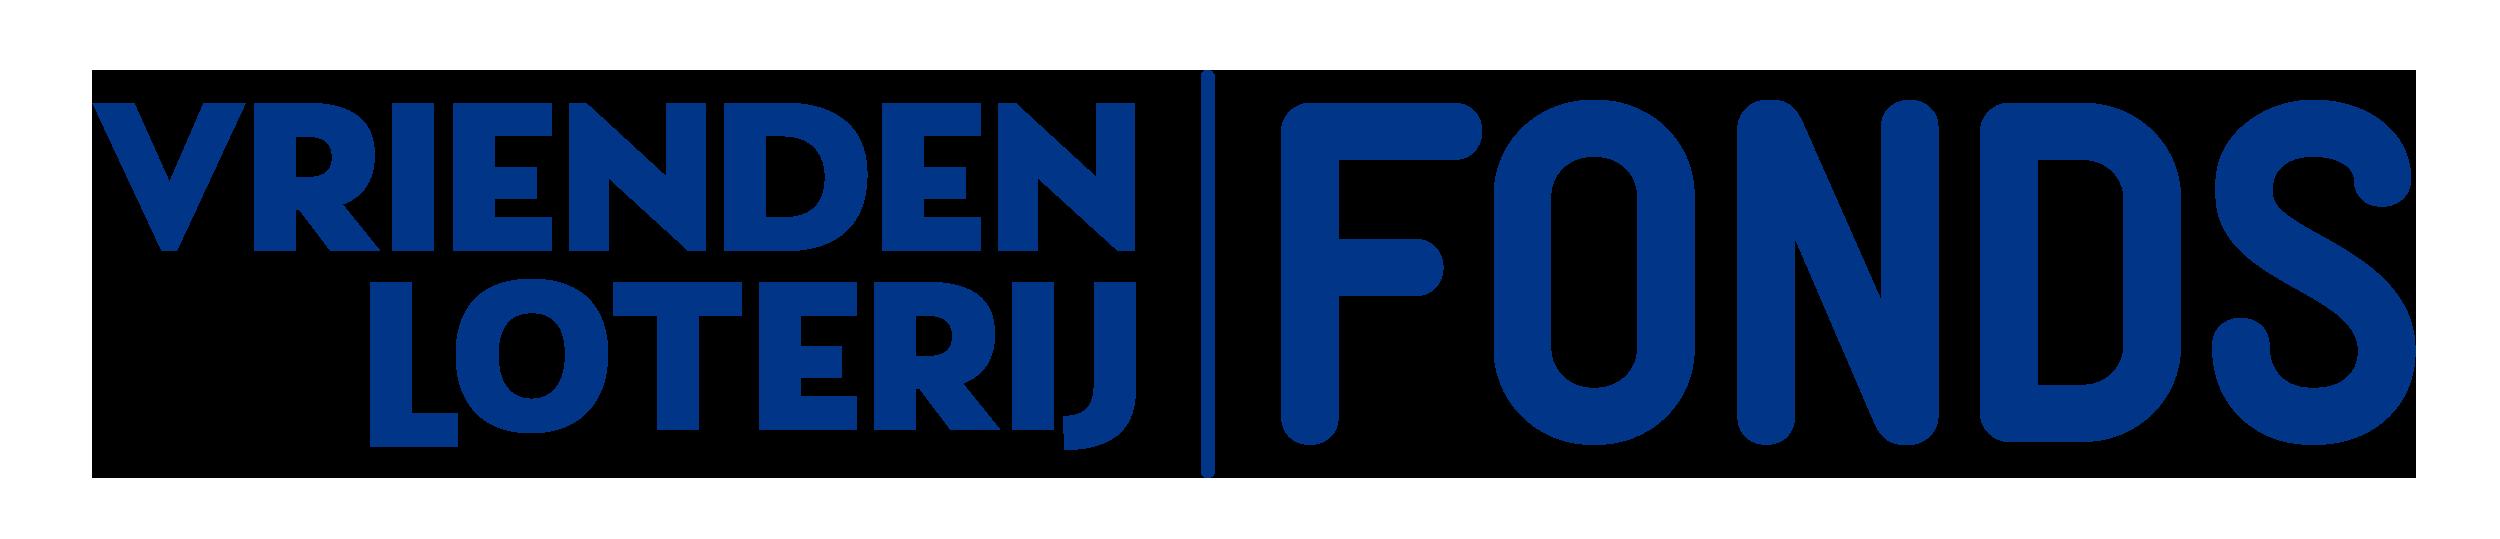 Logo Vriendenloterij Funds